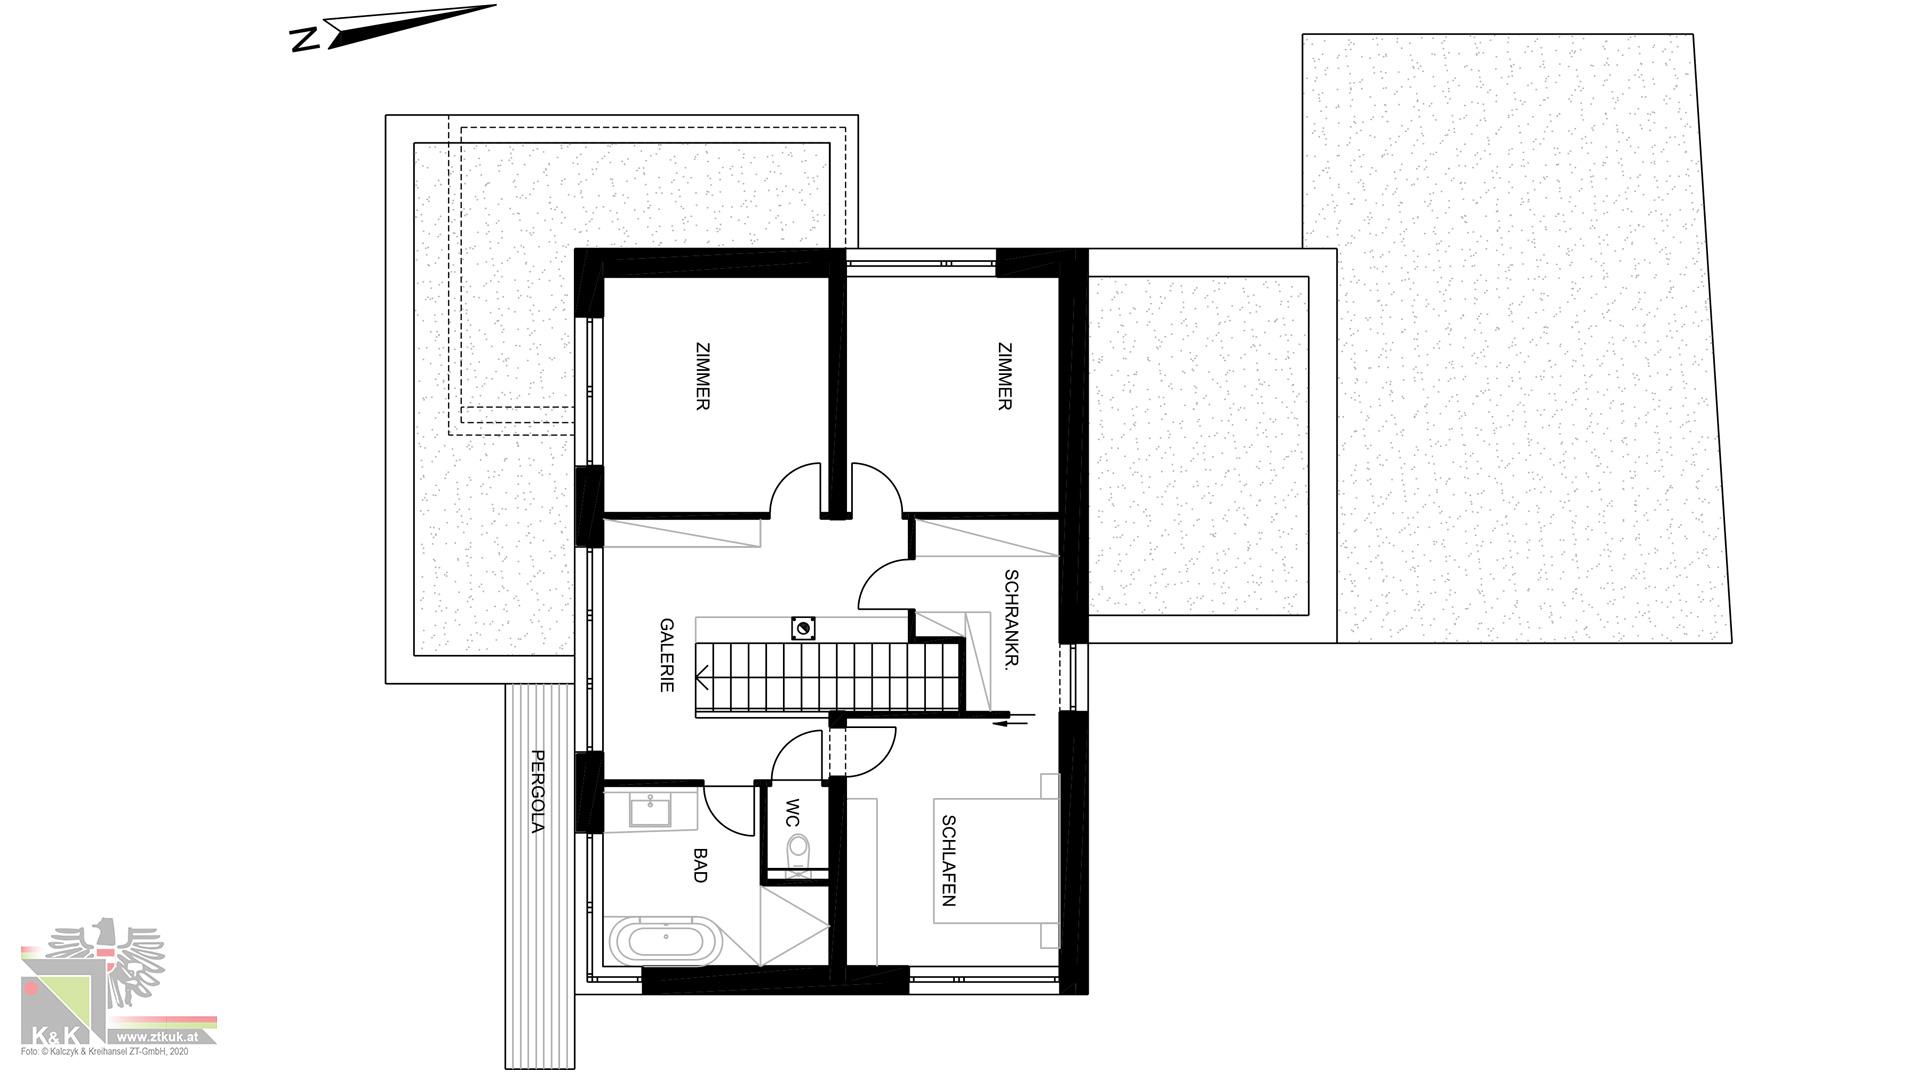 Einfamilienhaus Obergeschoss